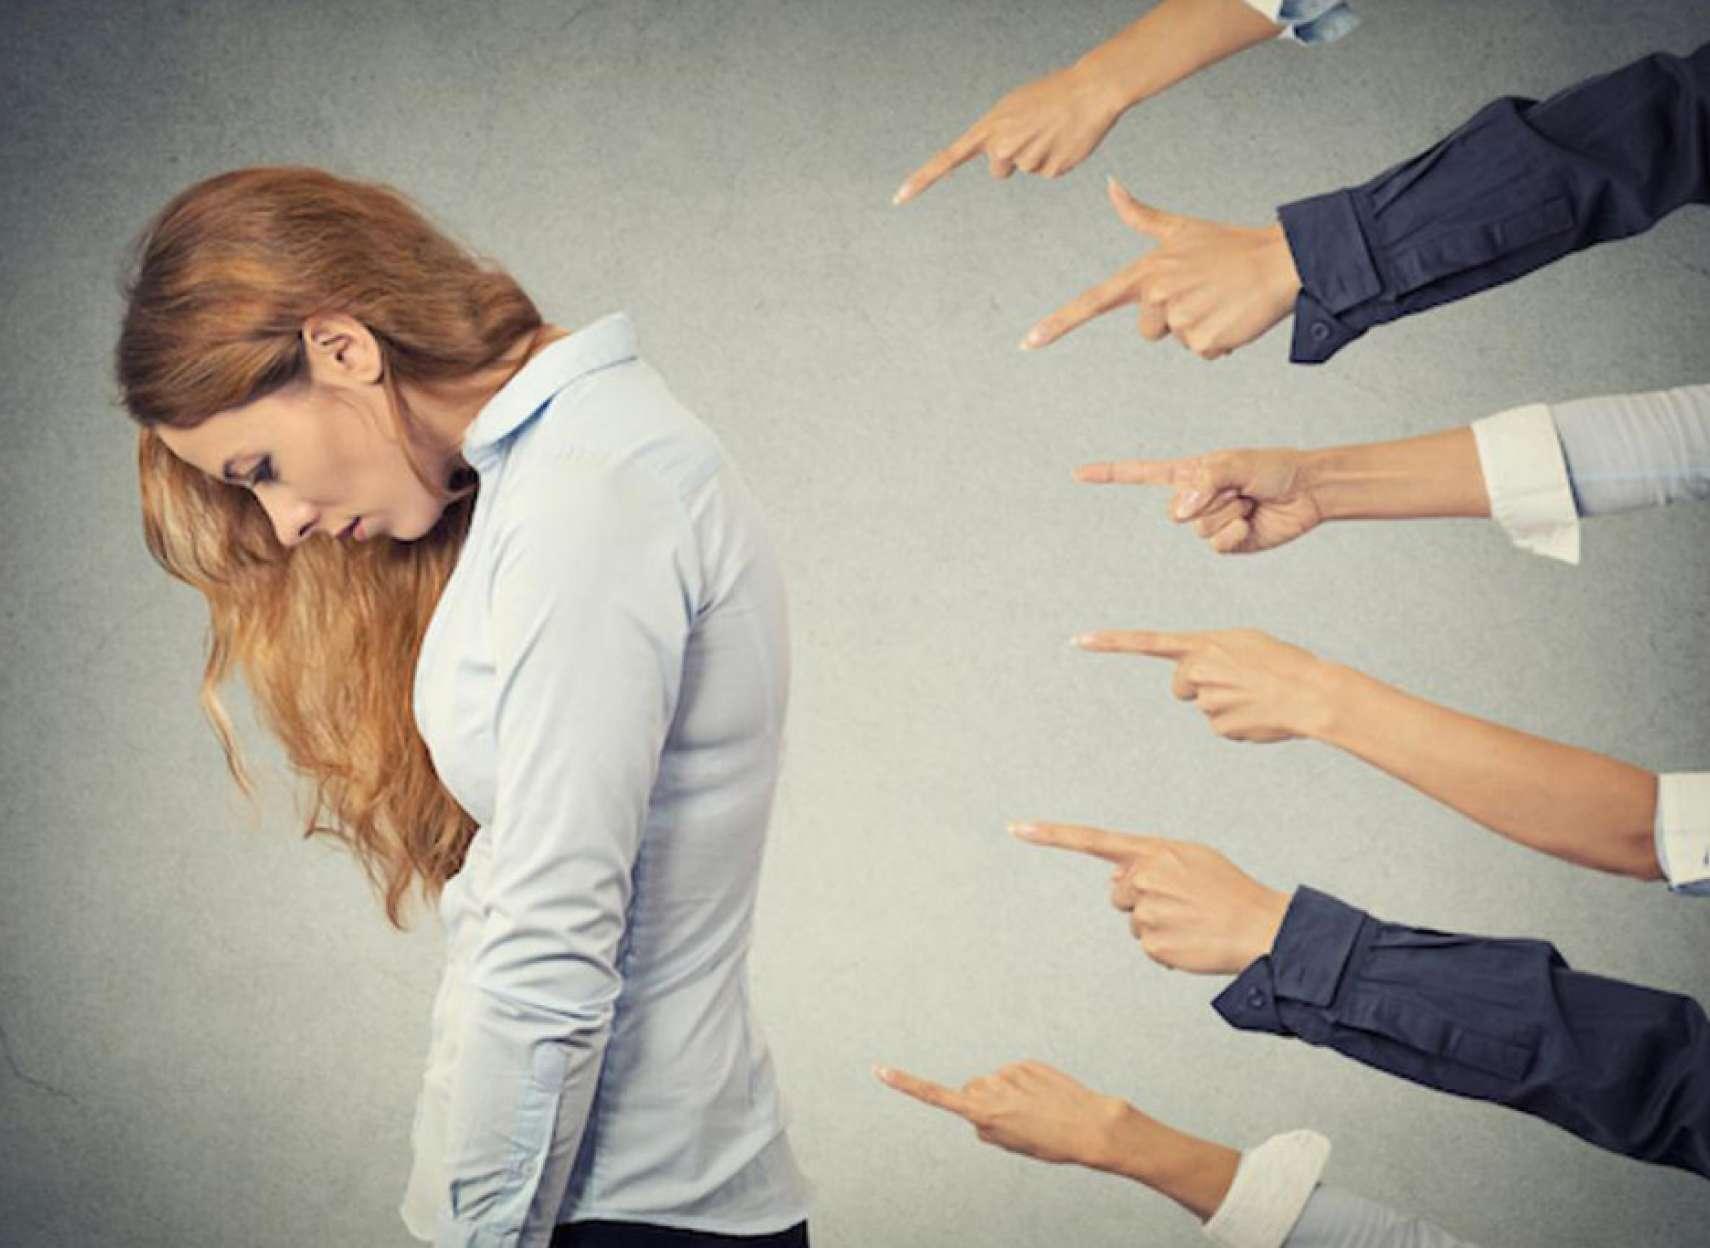 روانشناسی-داعی-چطور-احساس-گناه-نکنیم